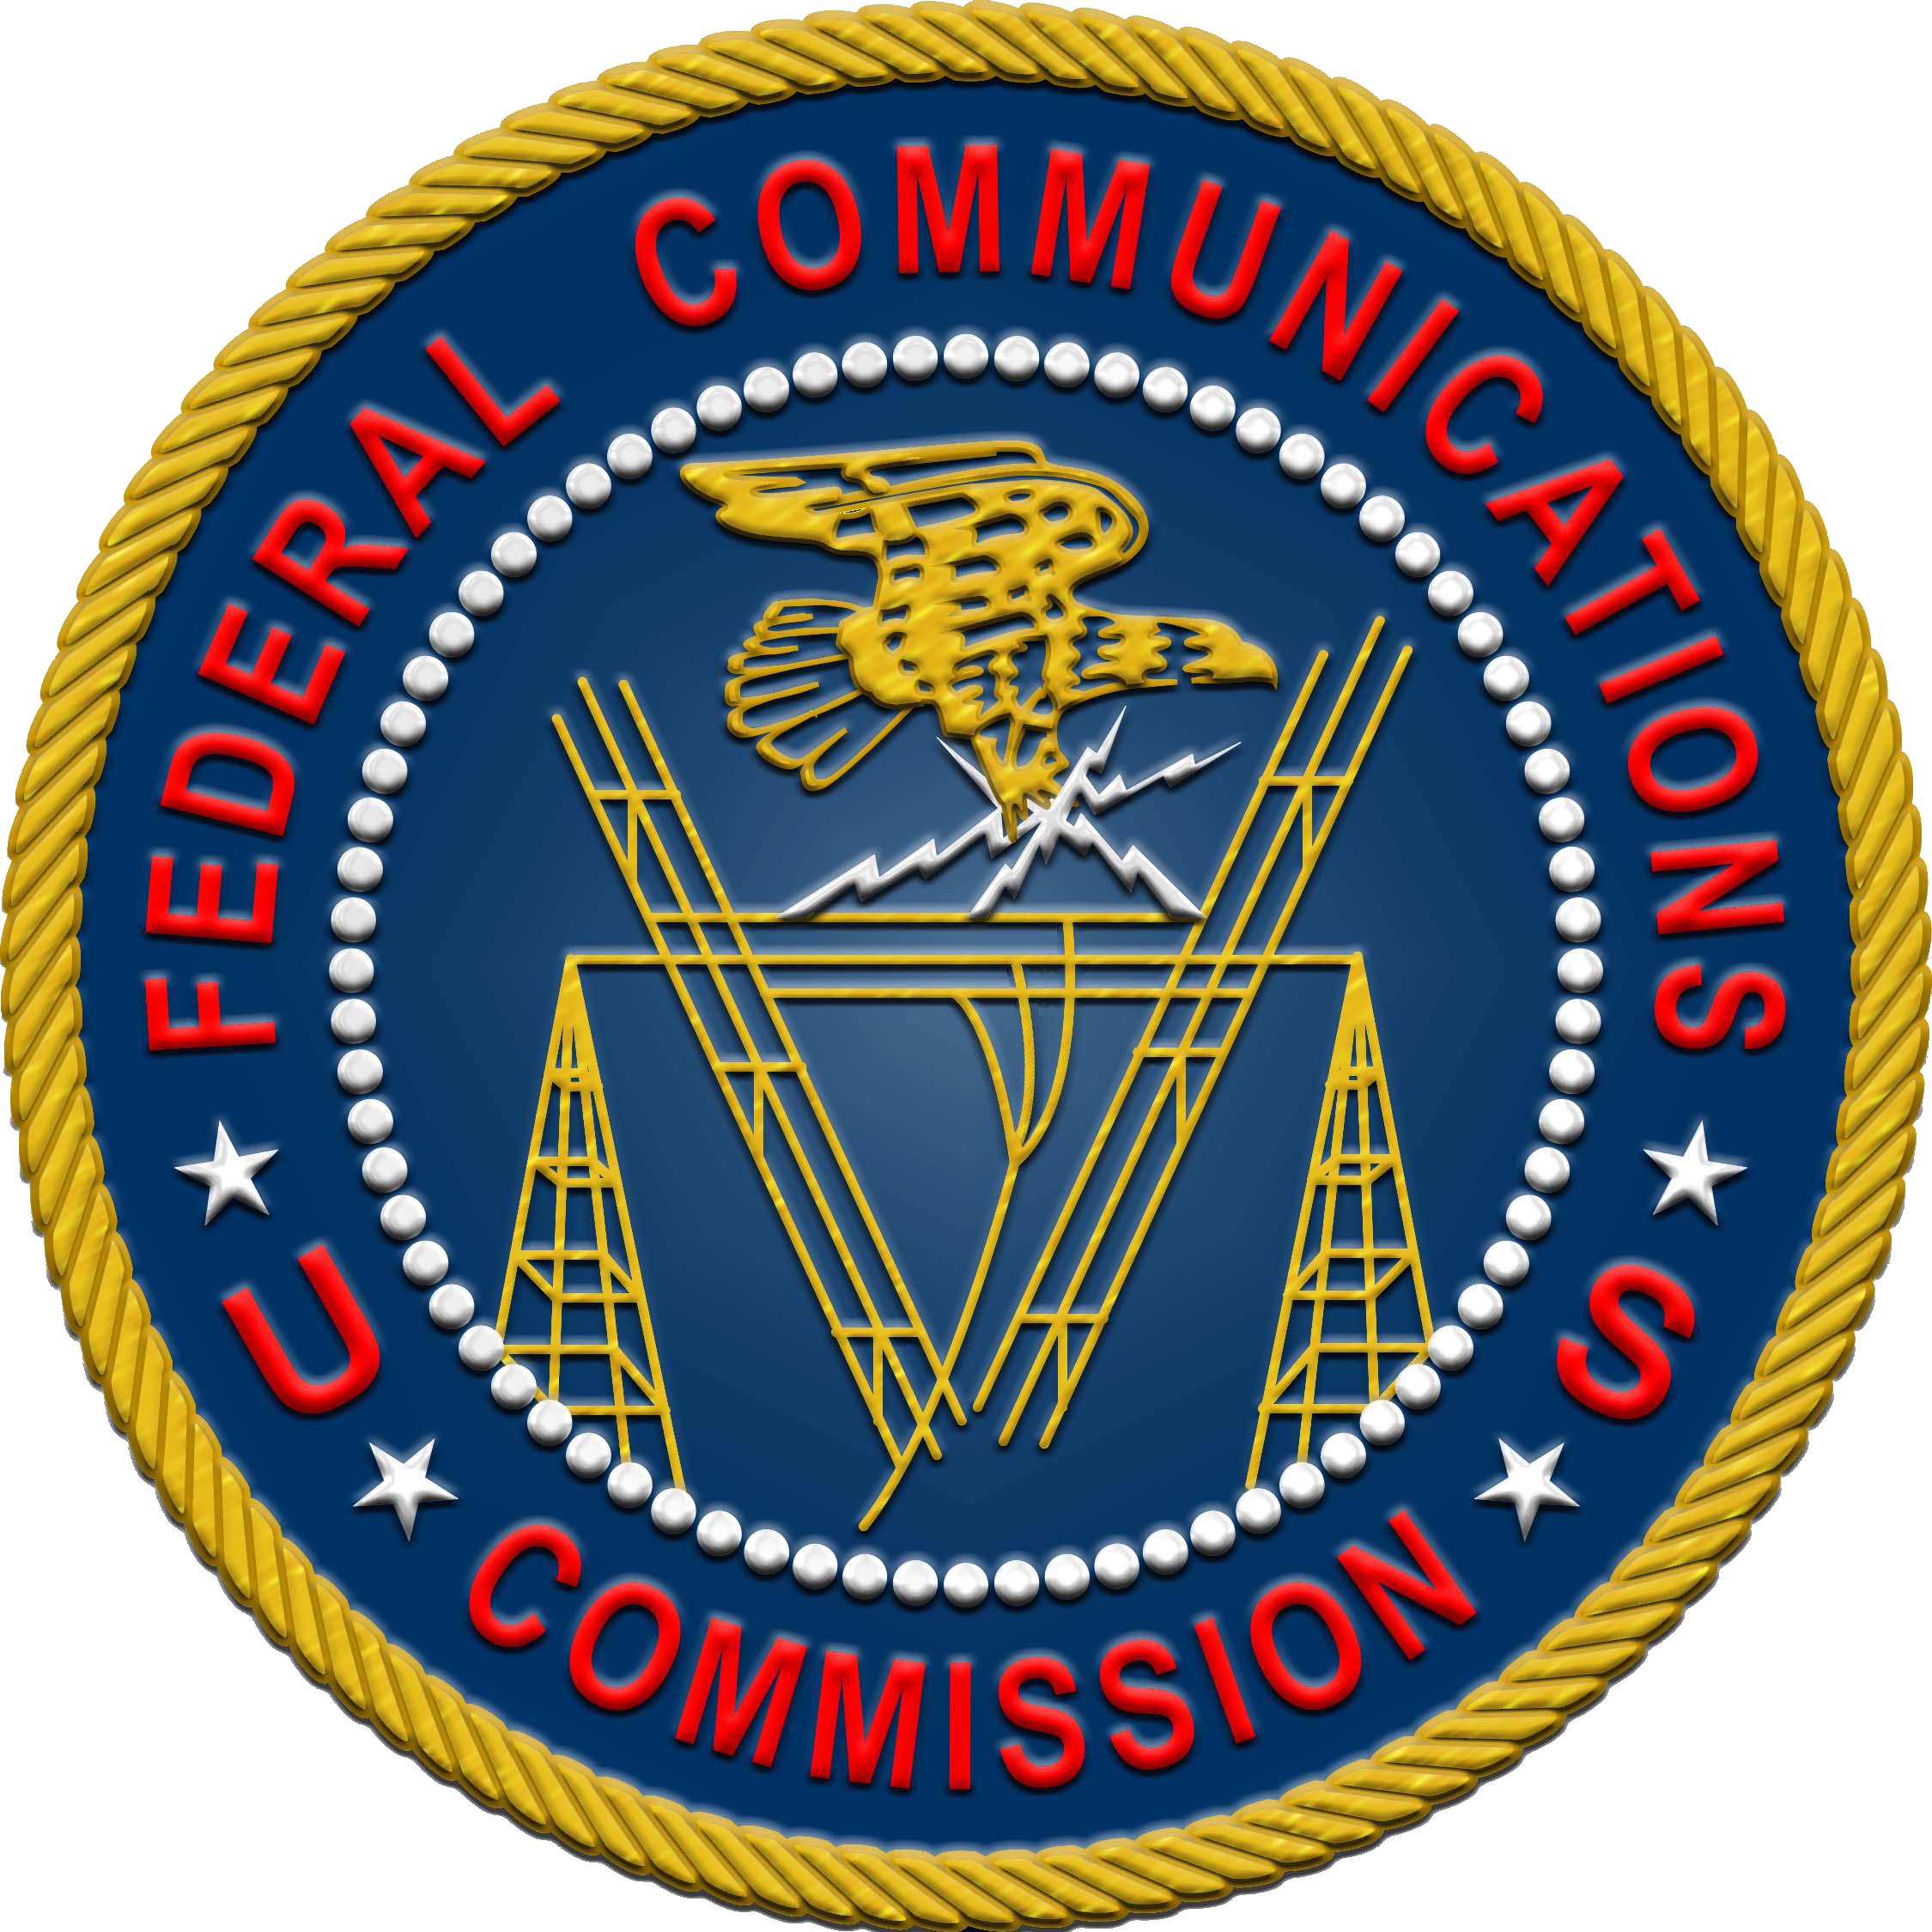 Logo của Tiểu ban Viễn thông Liên bang Hoa Kỳ (Federal Communications Commission – FCC)